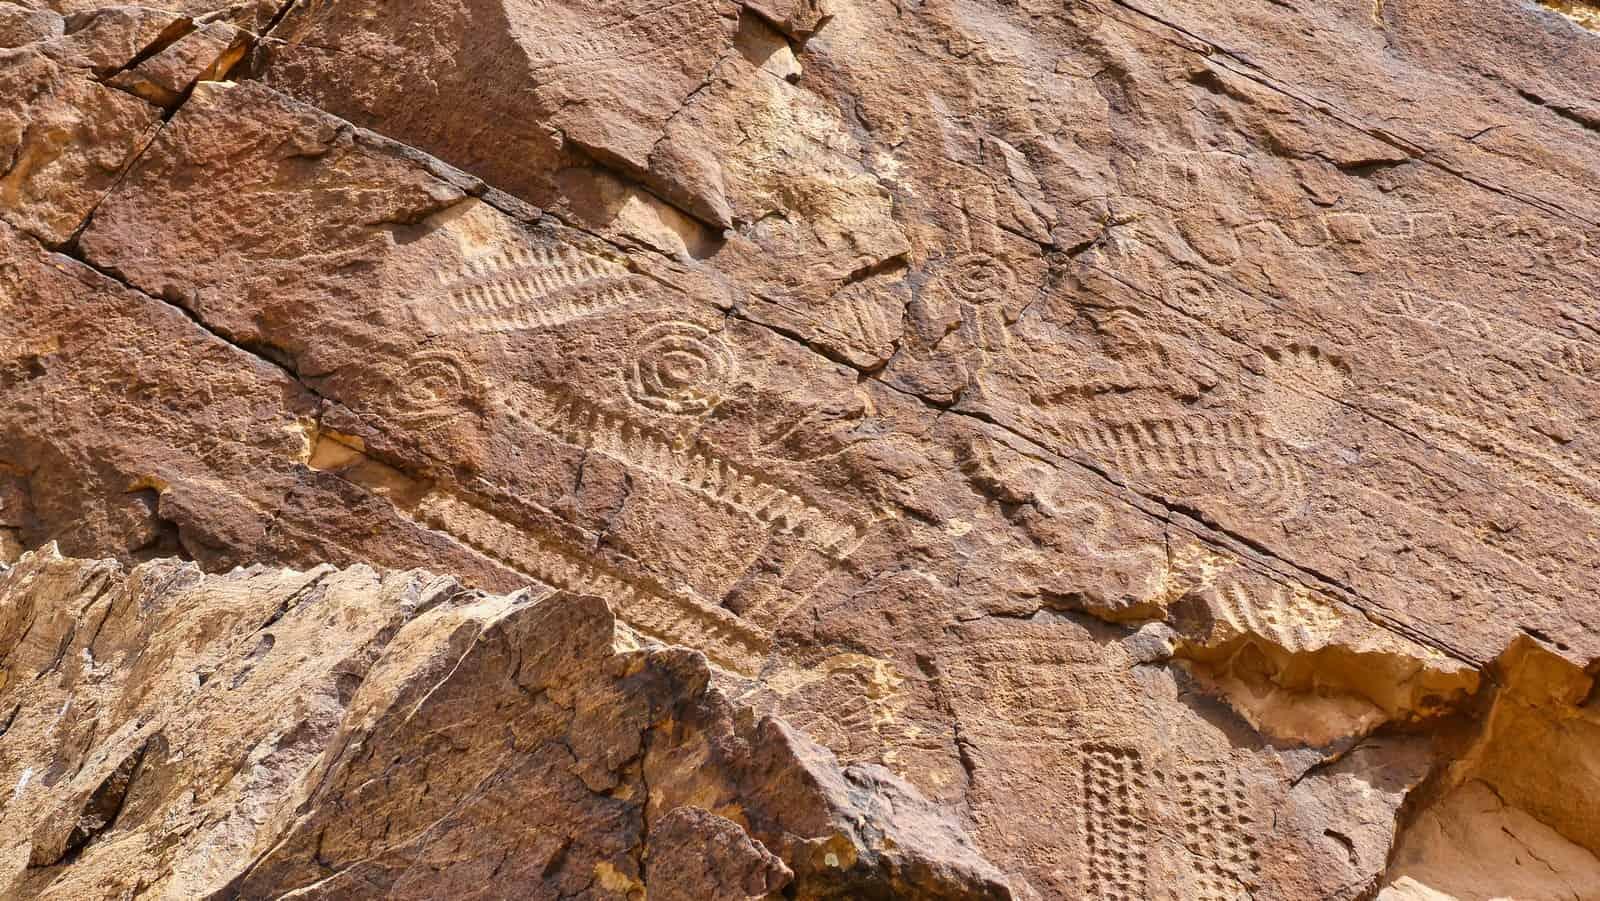 utahs national parks parowan gap